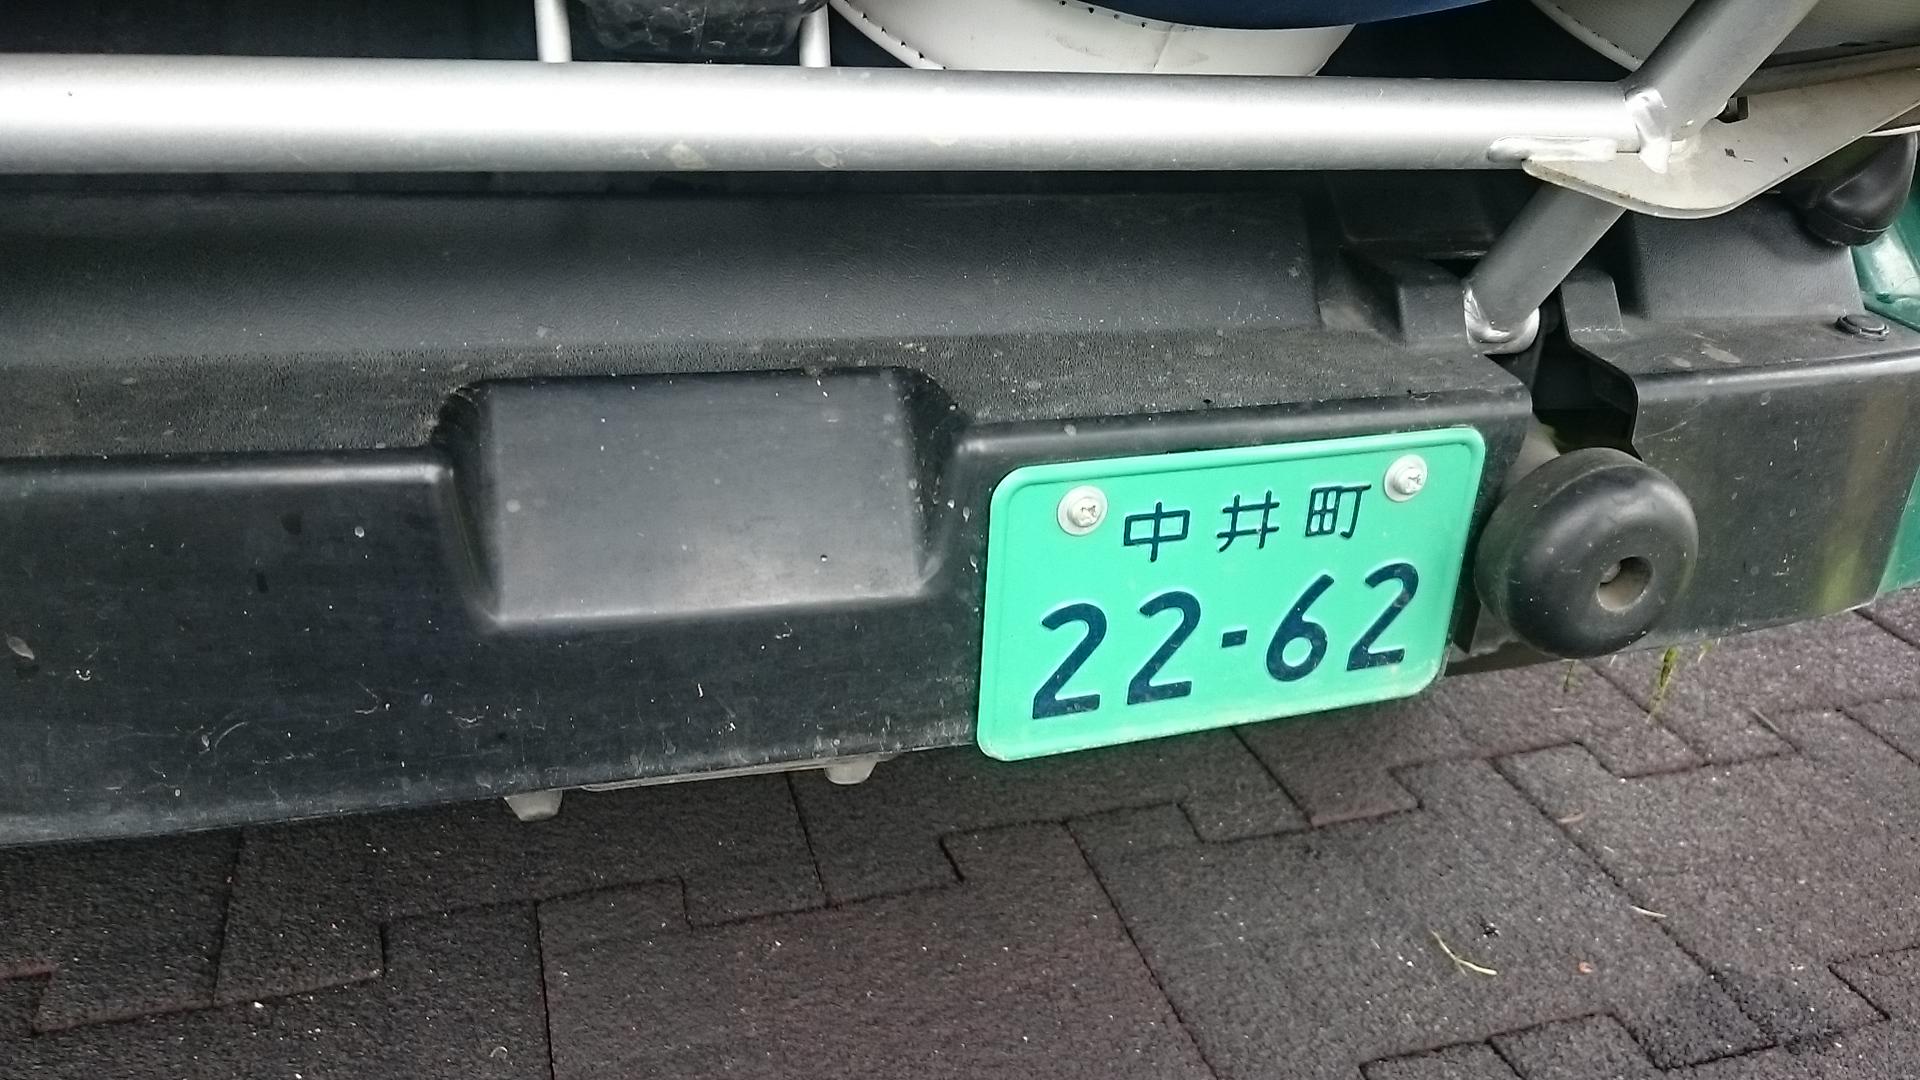 【余談】ナンバープレートを付けているゴルフカートもあります!